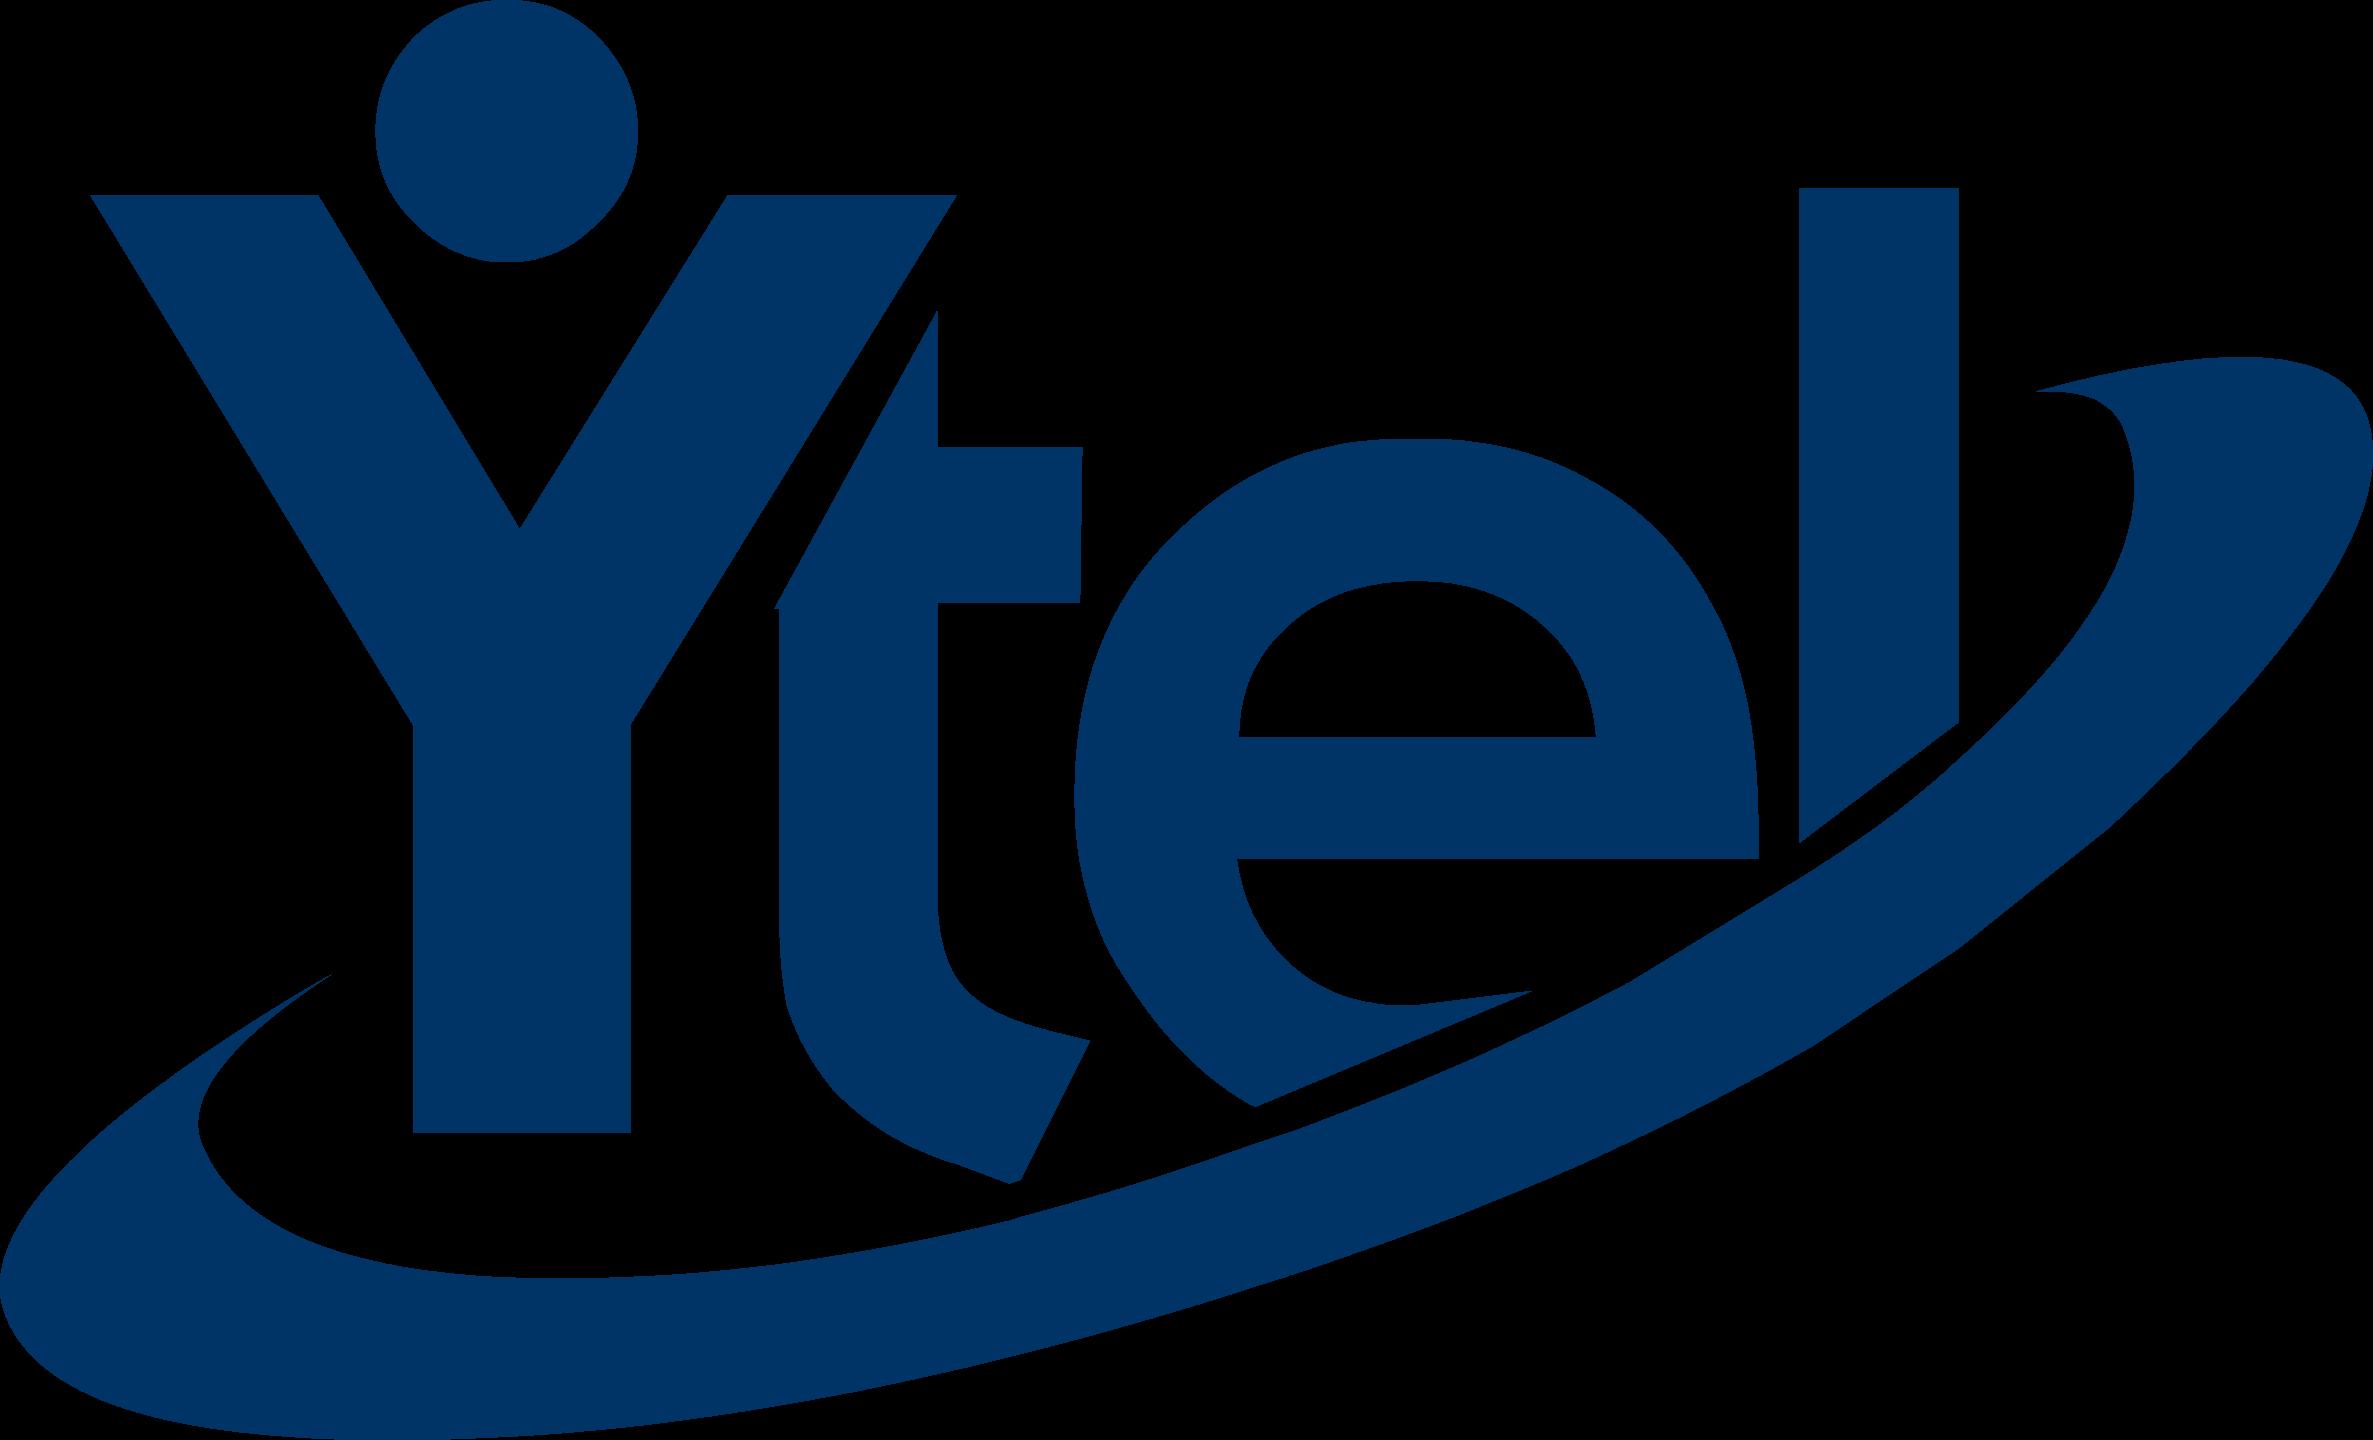 ytel_blue-transparent.png